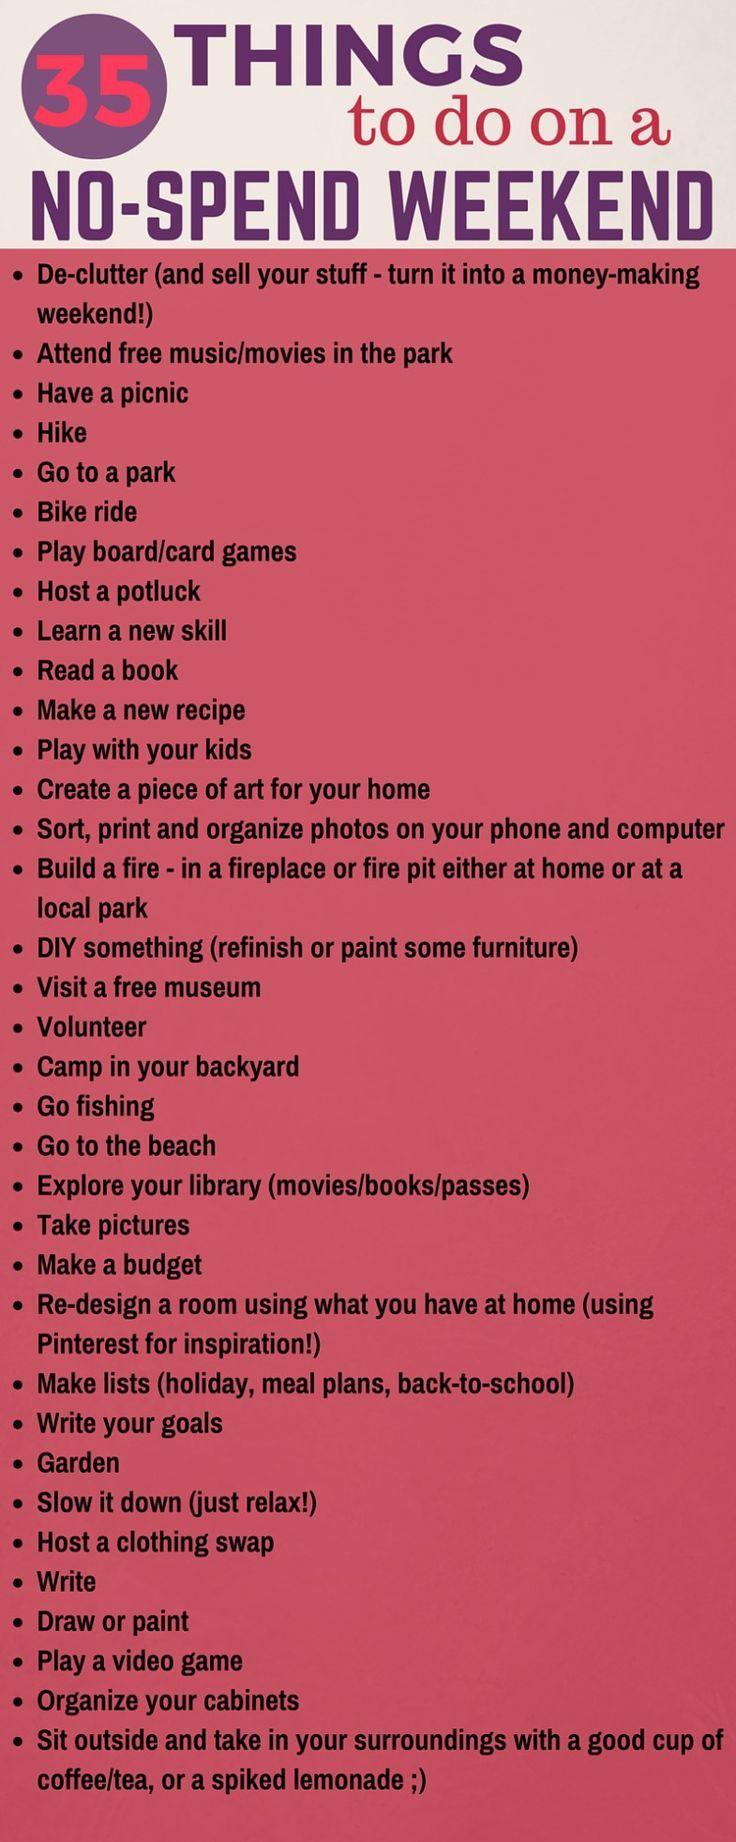 Best 25 minimalist living ideas on pinterest minimalism for Minimalist living money